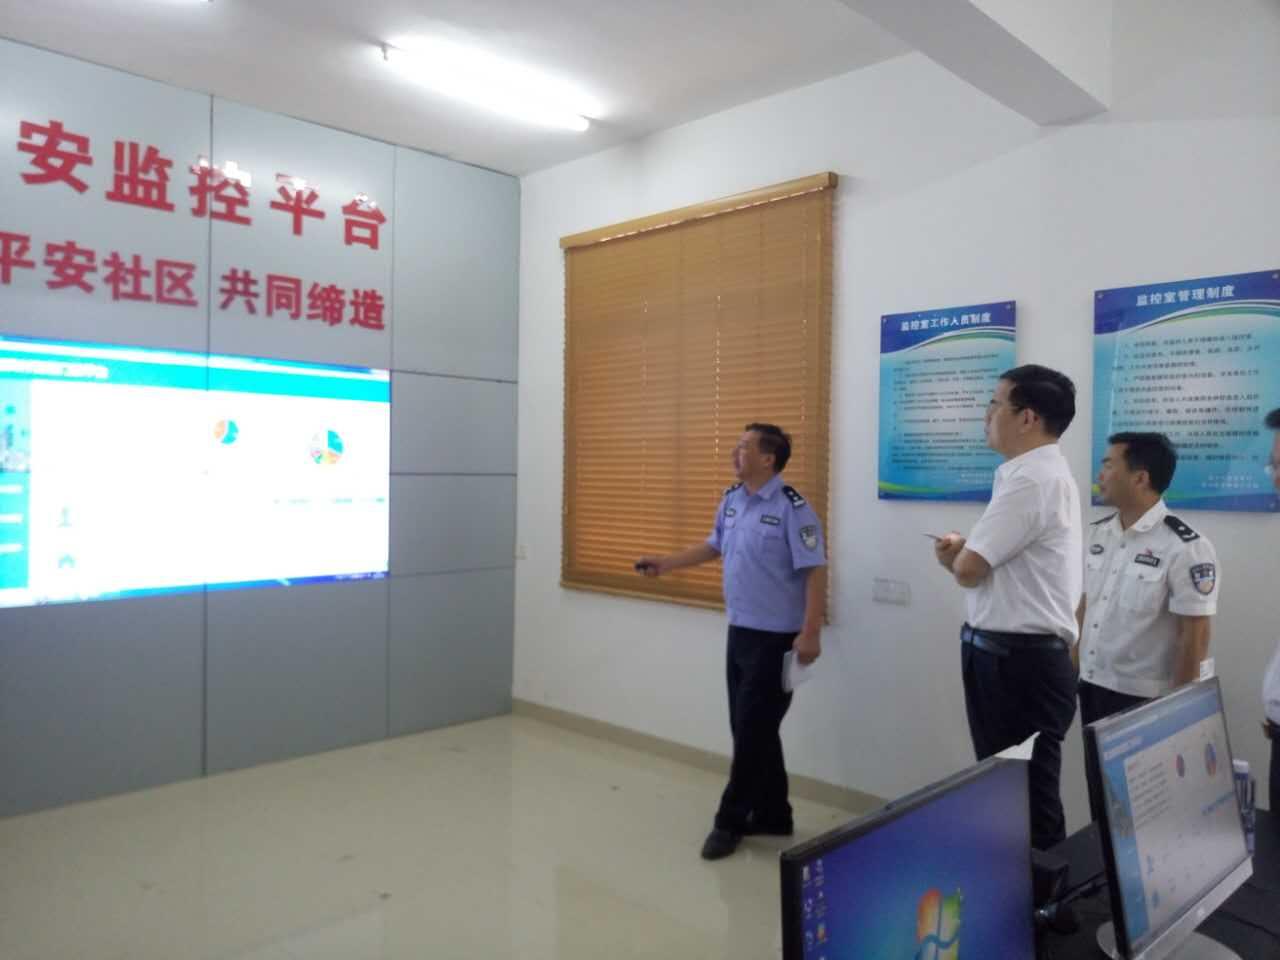 泰安市副市长、省长林锐视察厦门纵横科技企业流动人口大数量平台